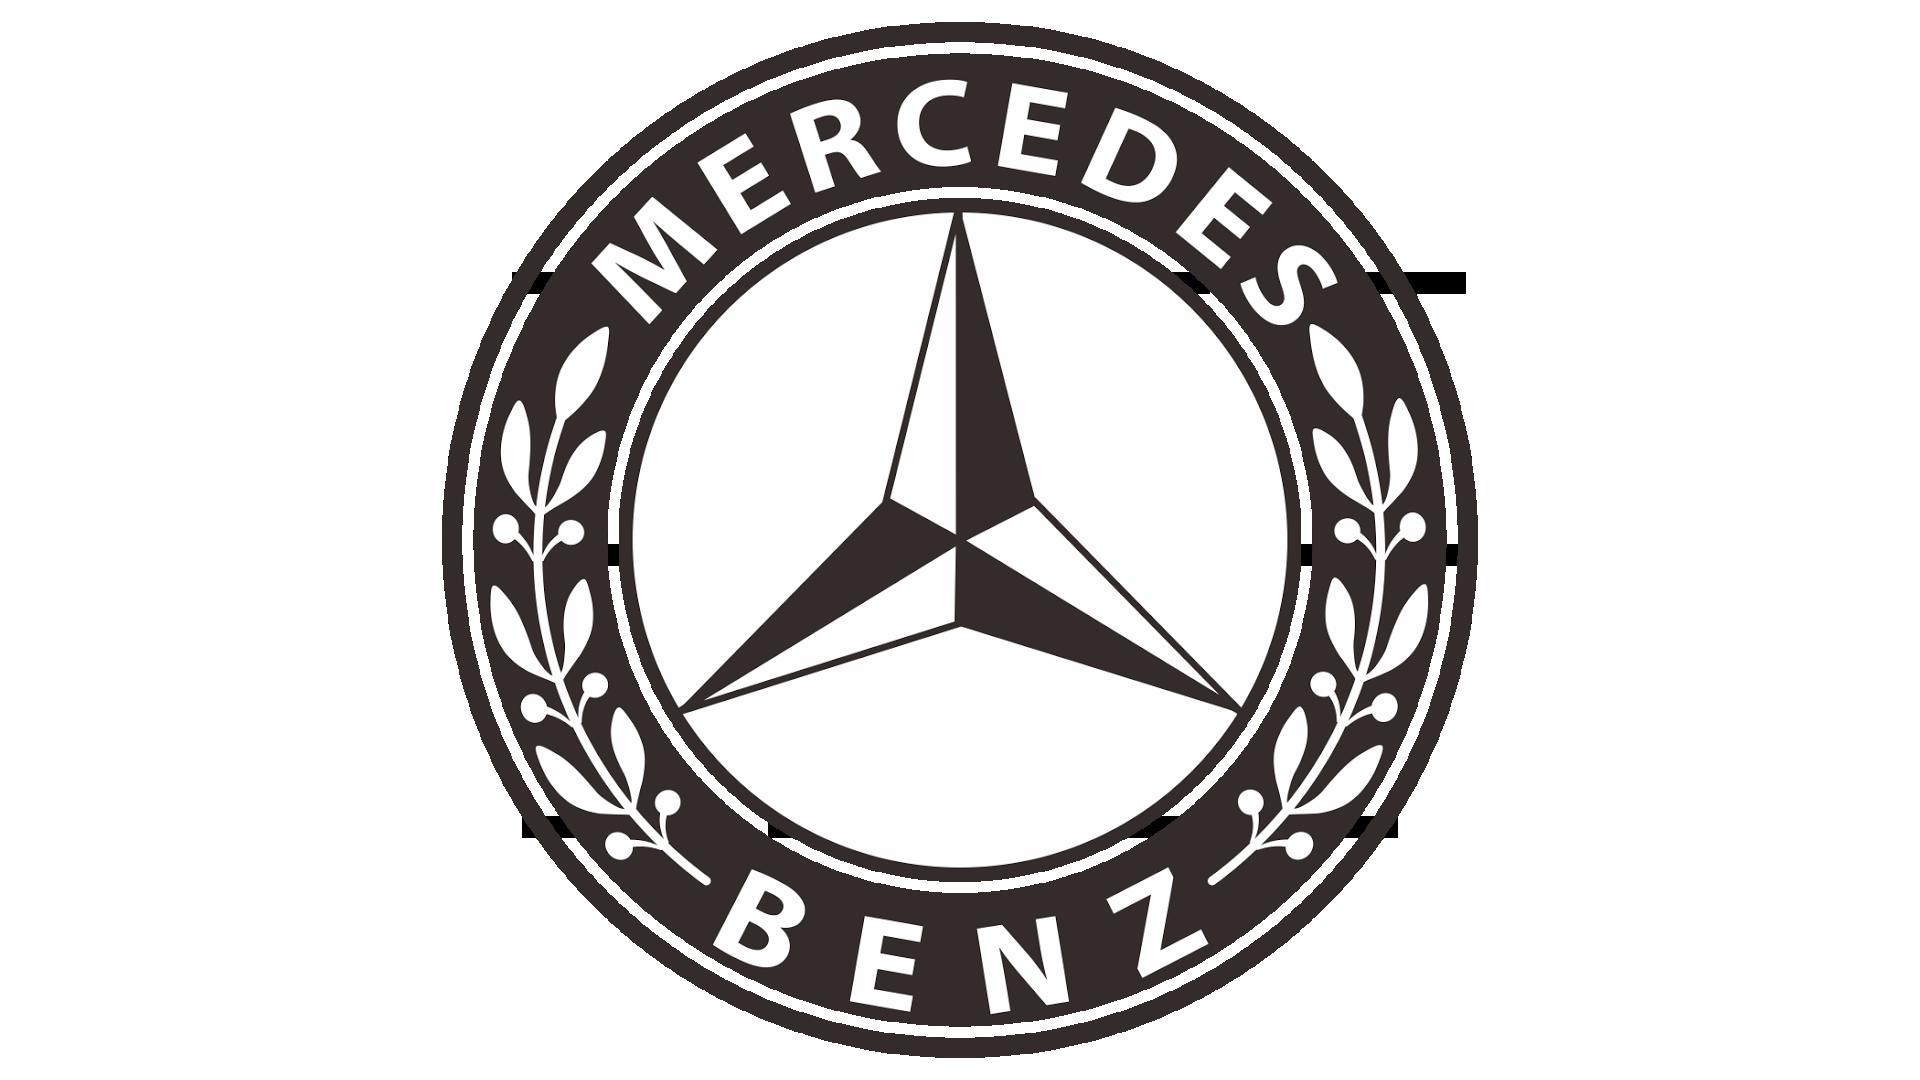 Mercedes logo, mercedes benz logo png meaning information